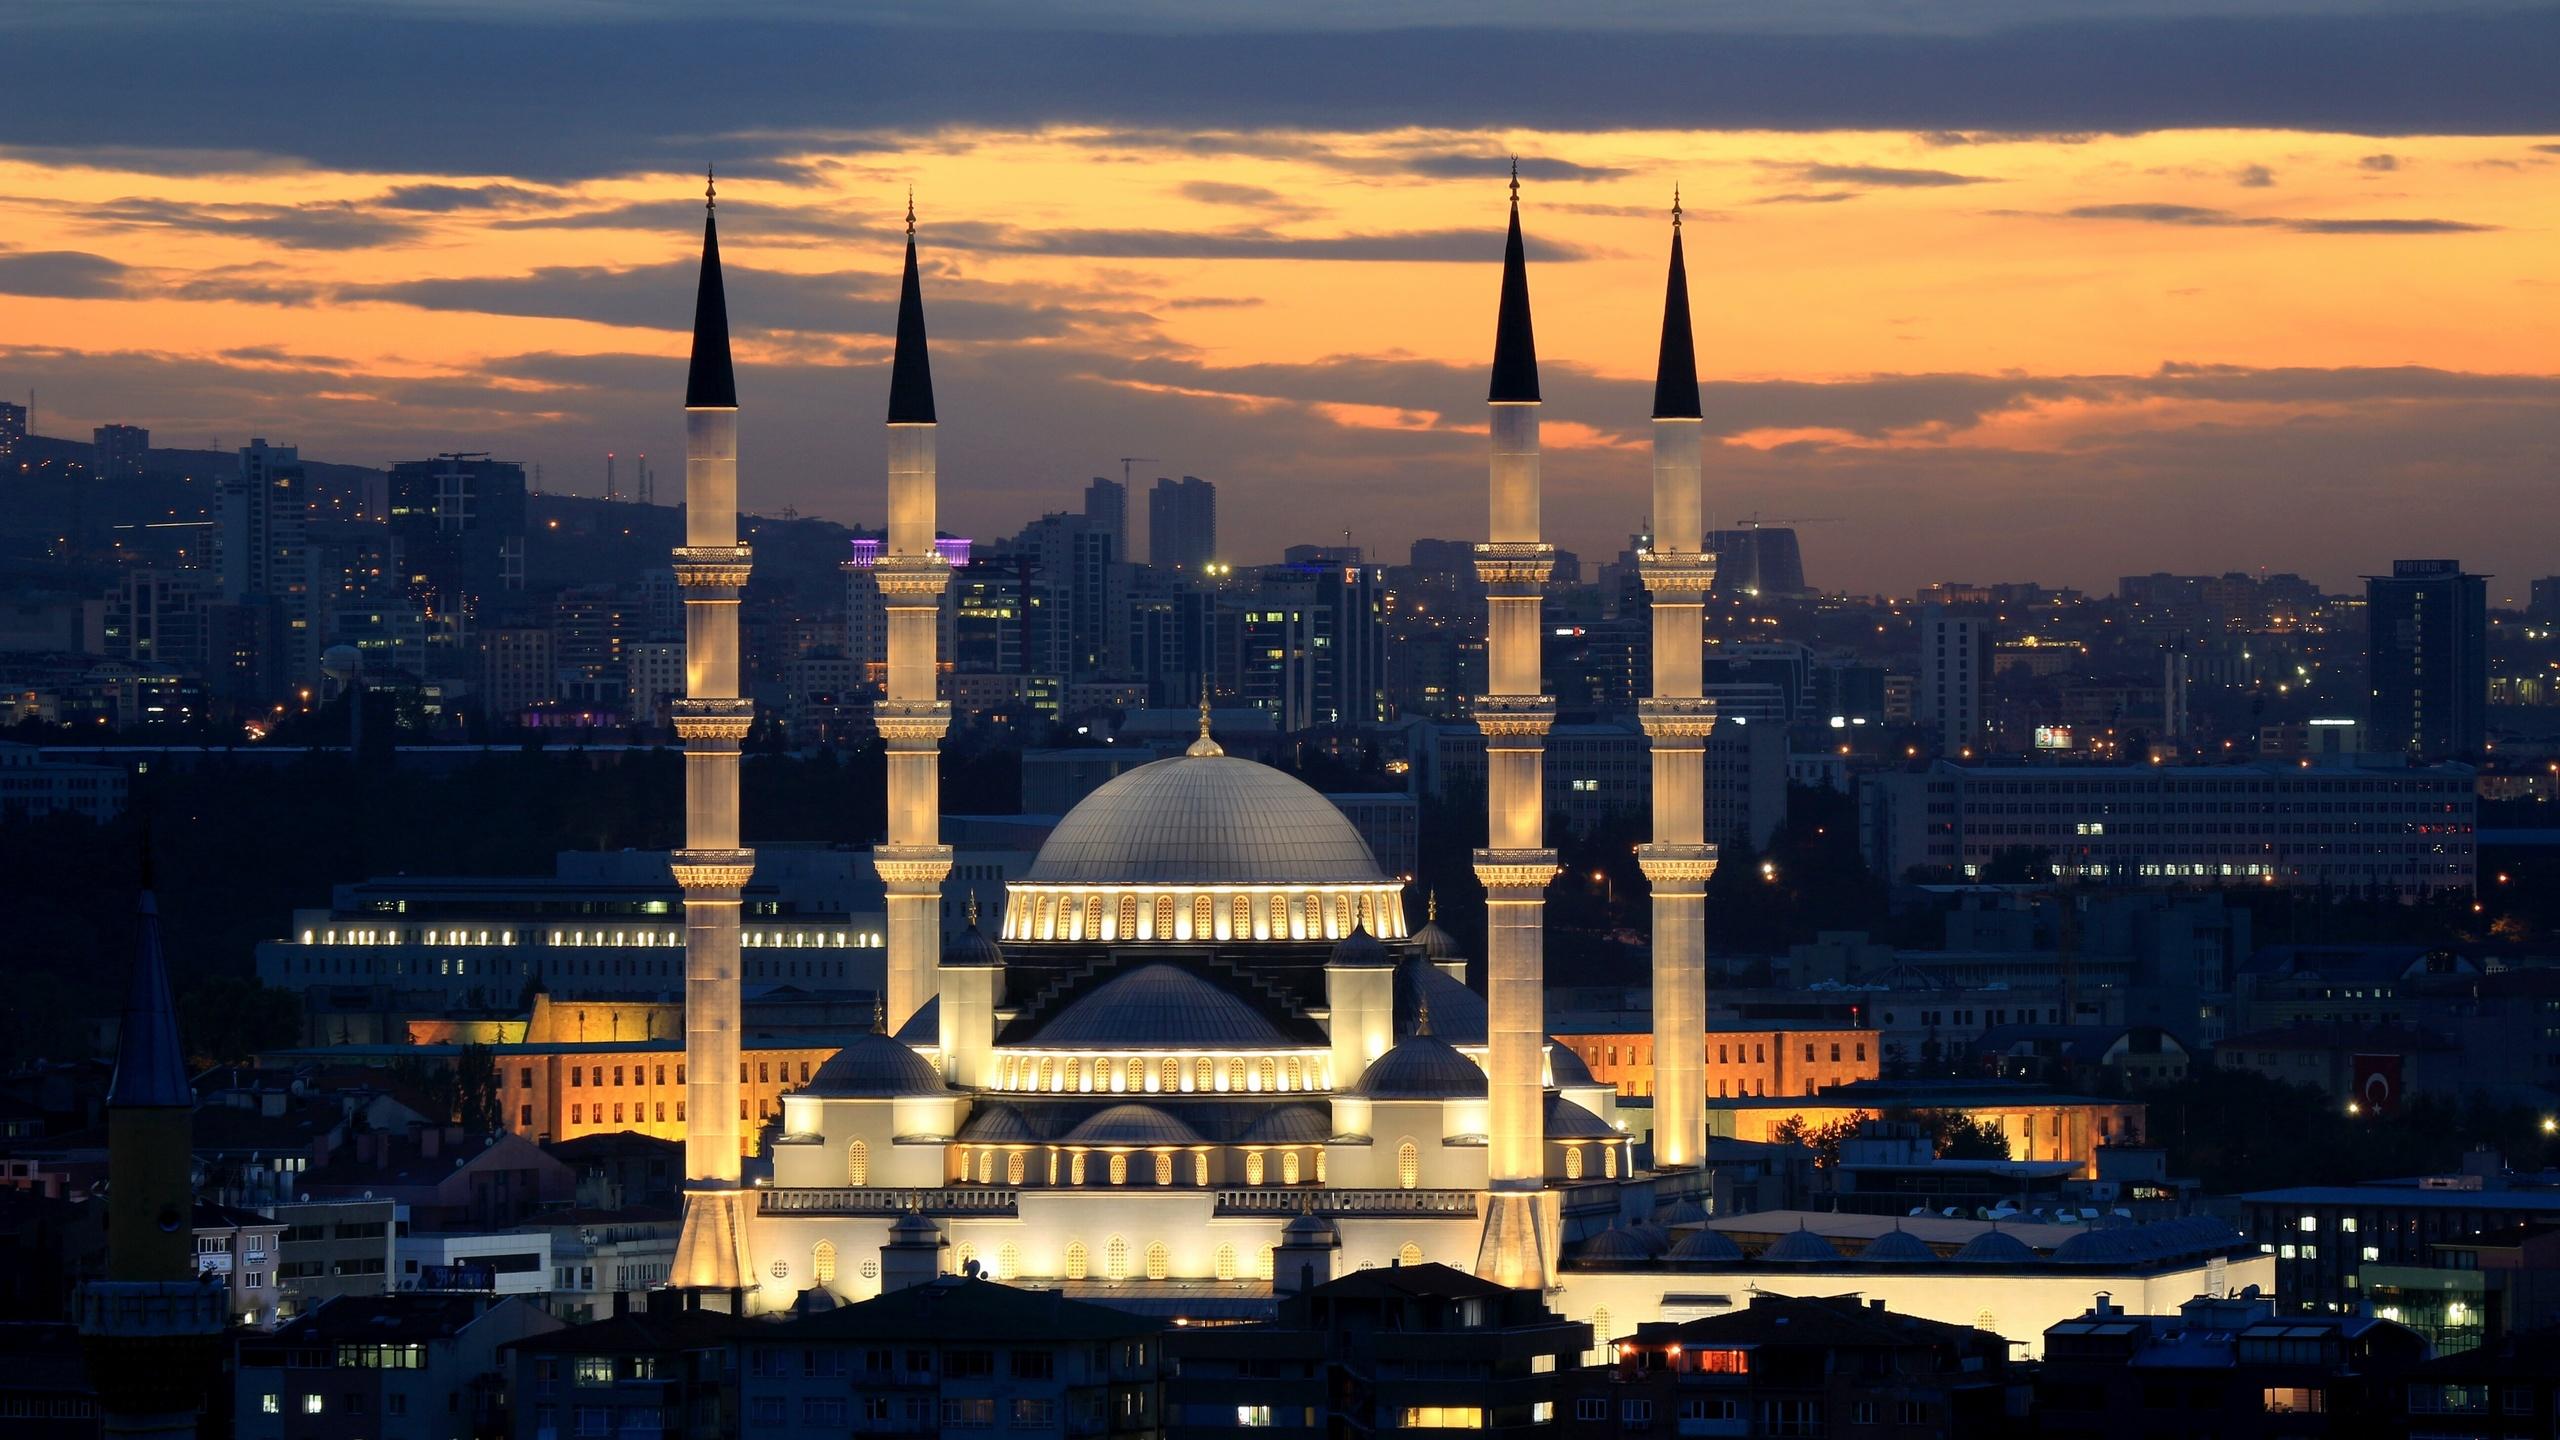 красивые картинки на аву мечеть понравилось